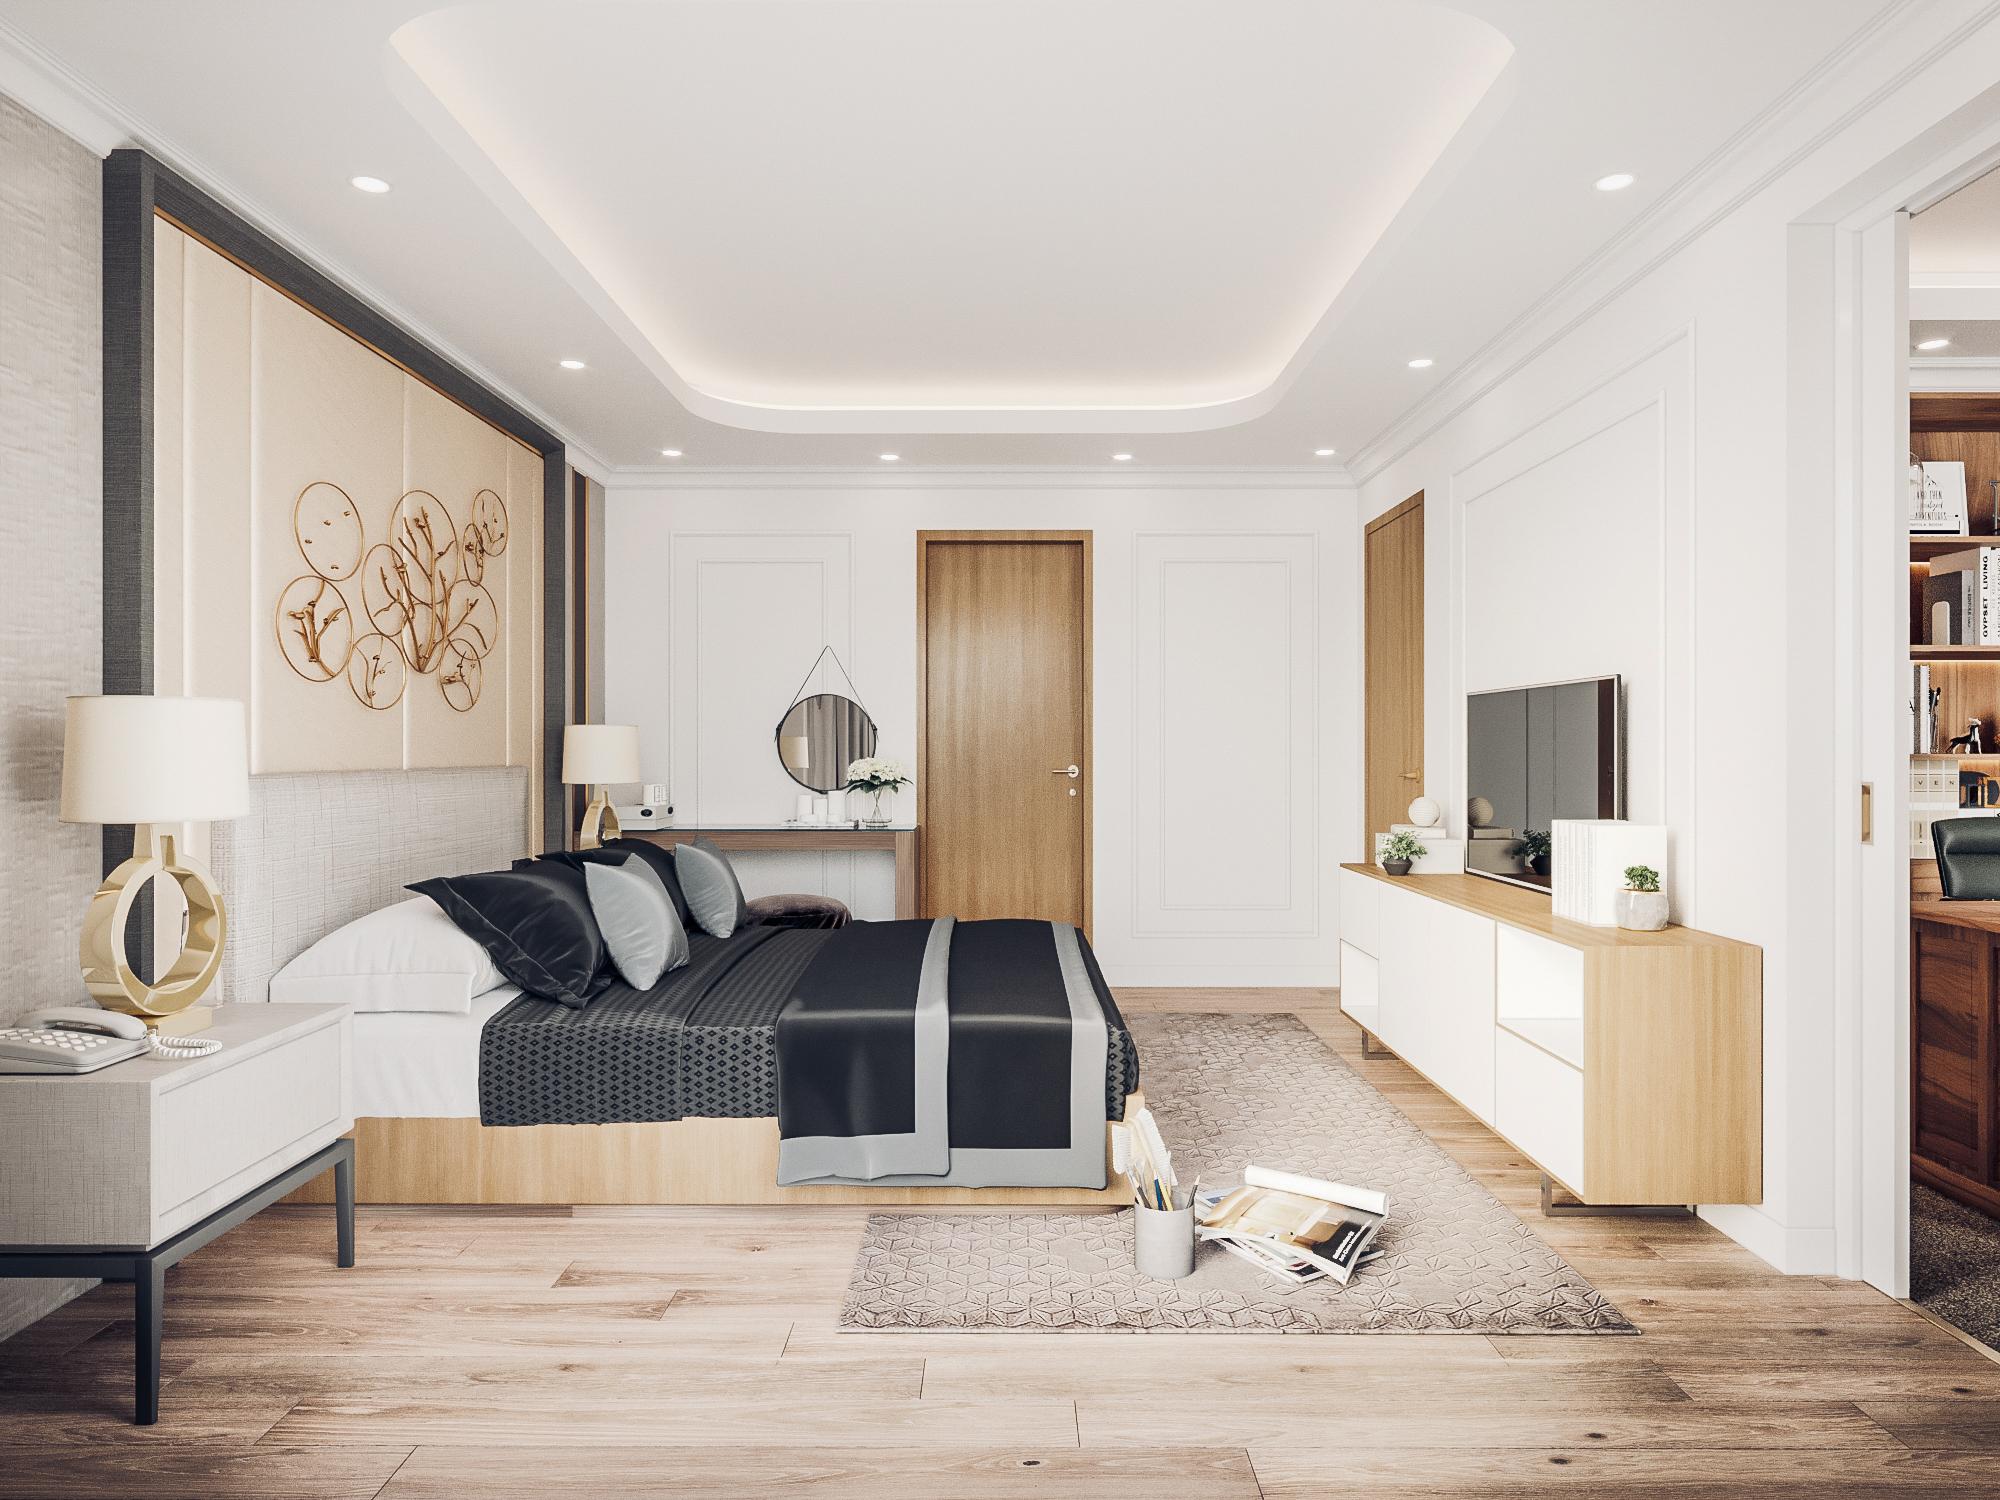 thiết kế nội thất chung cư tại Đà Nẵng Phòng ngủ master 2 1555242084